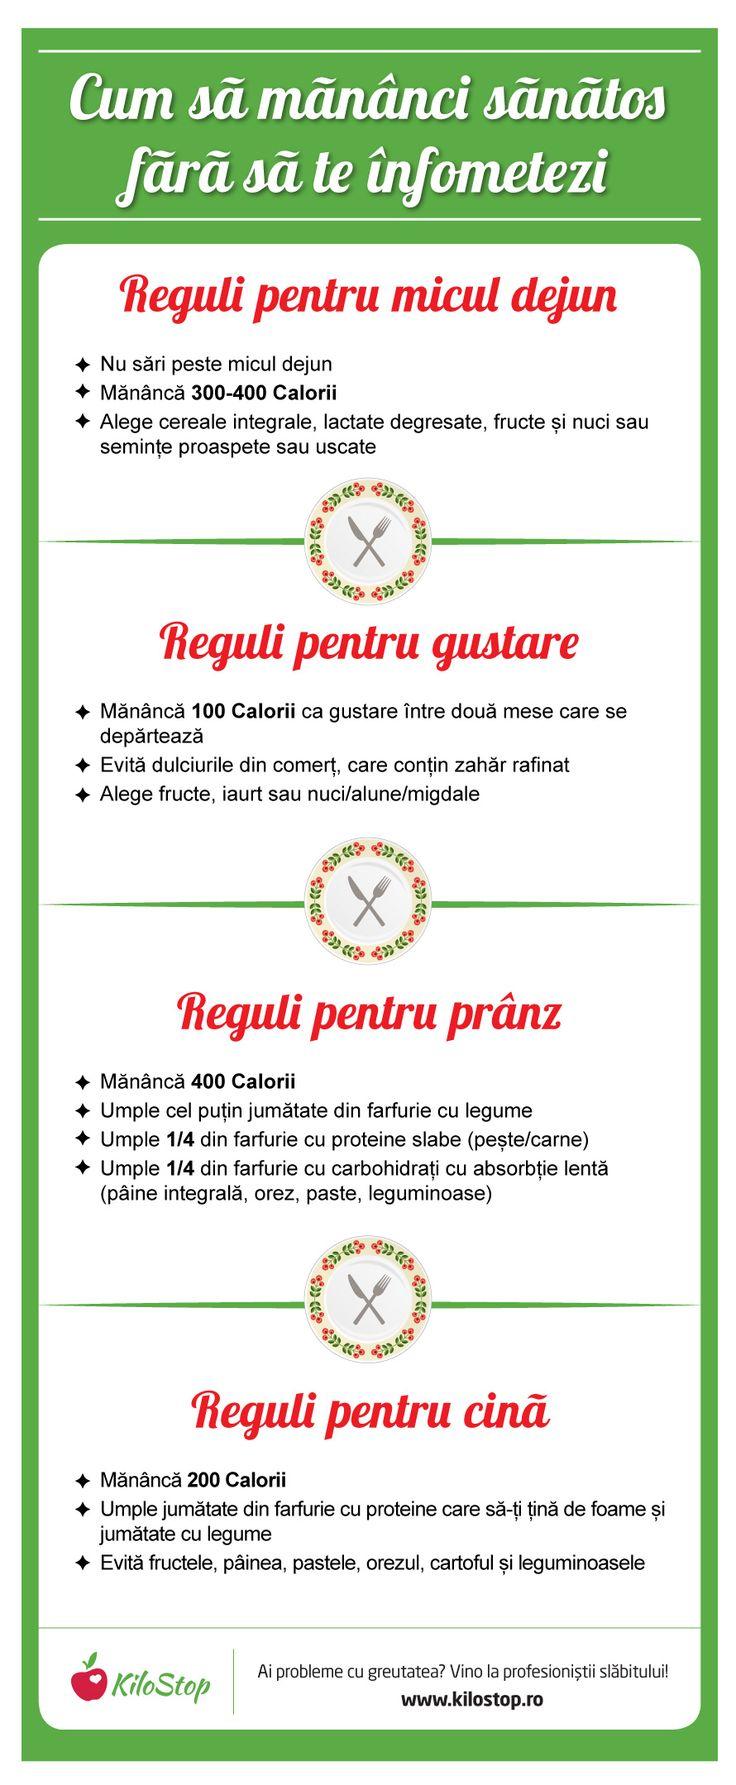 Crezi că singura soluție ca să slăbești este să te înfometezi? Iată cele mai importante reguli pe care ar trebui să le respecți atunci când ești la dietă. #dieta #reguli #slabit